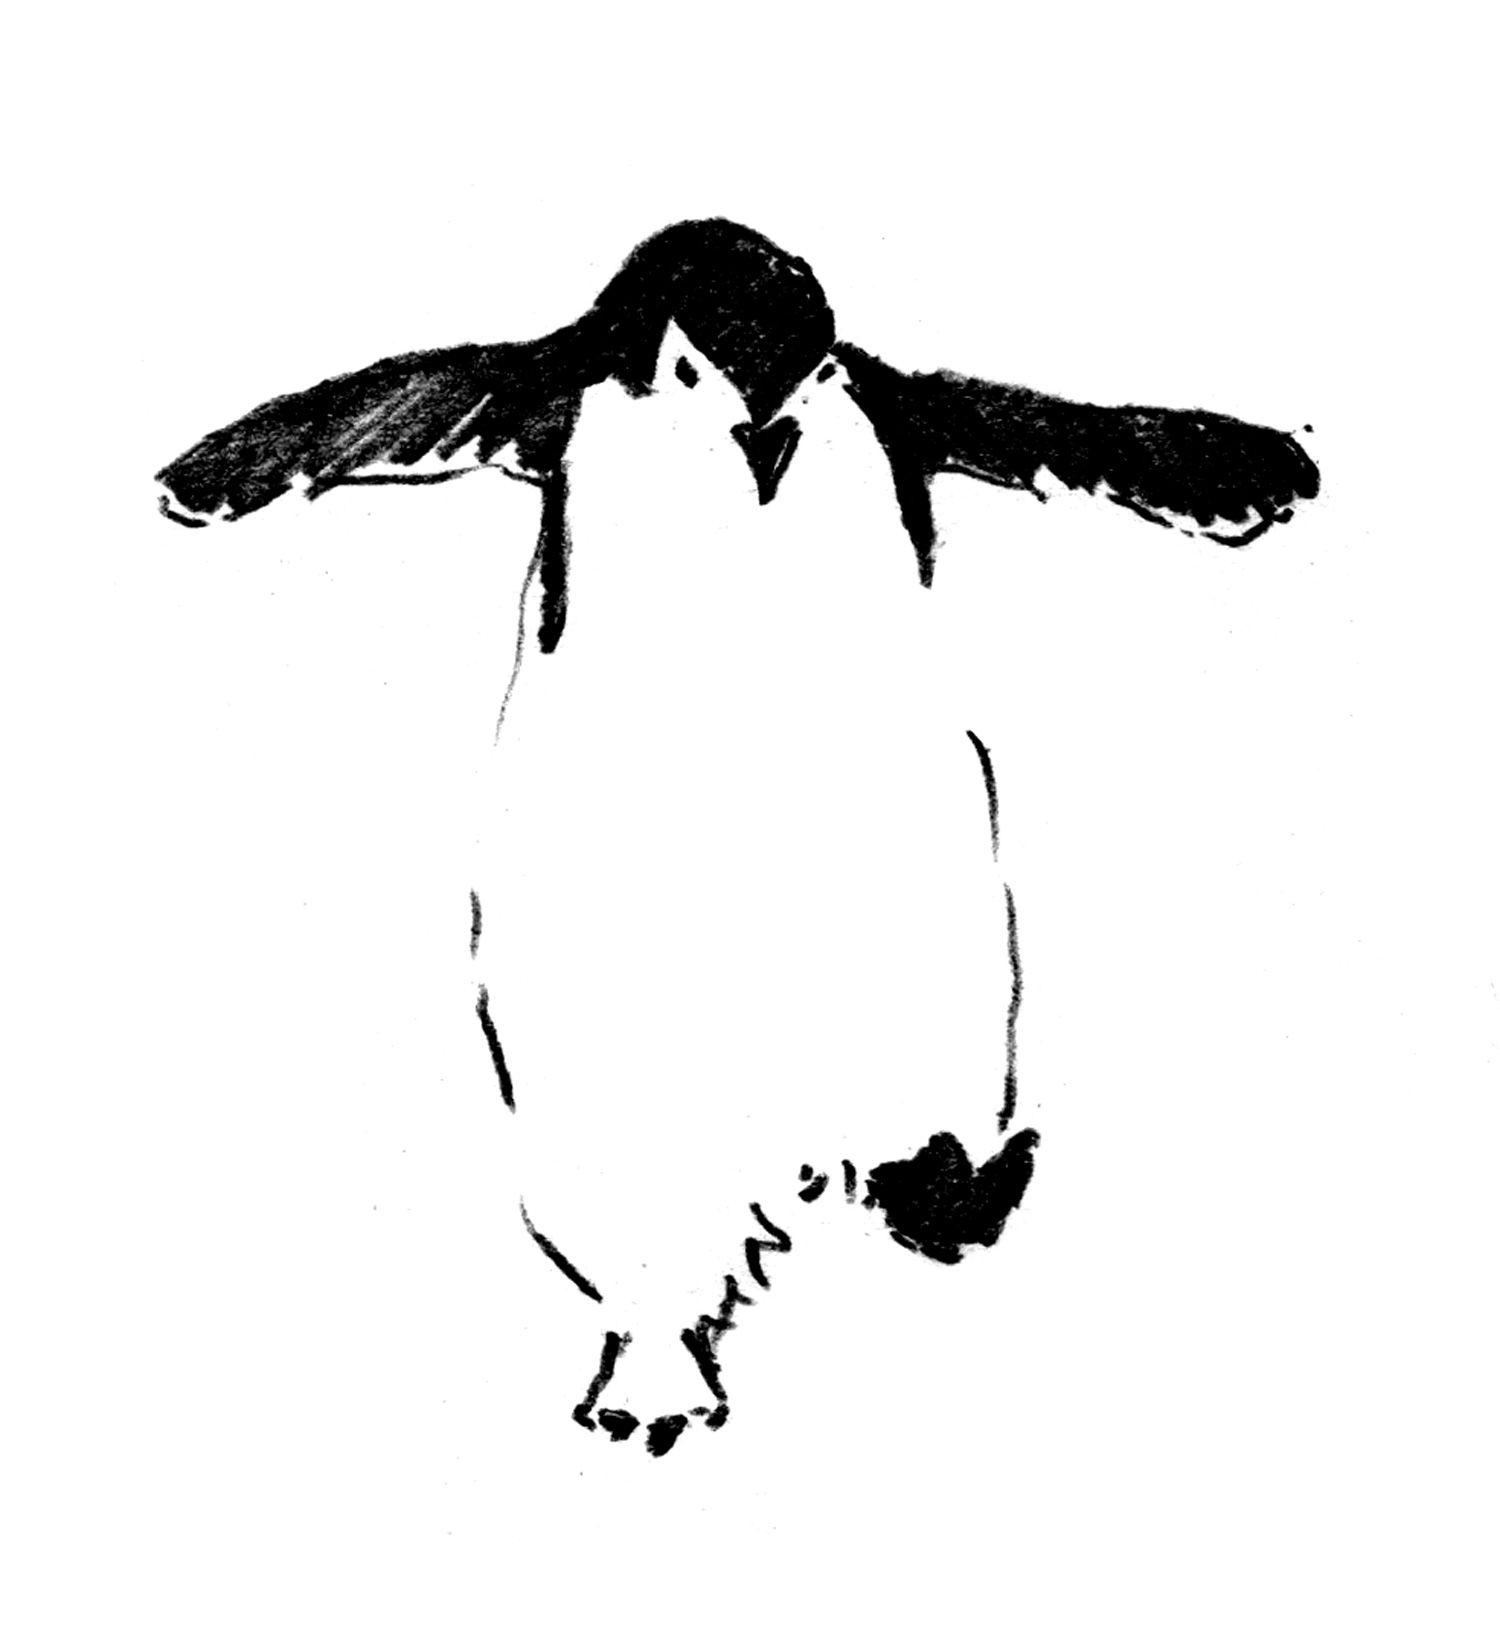 ペンギン #イラスト #ペンギン #アート #ドローイング #インク #ペン